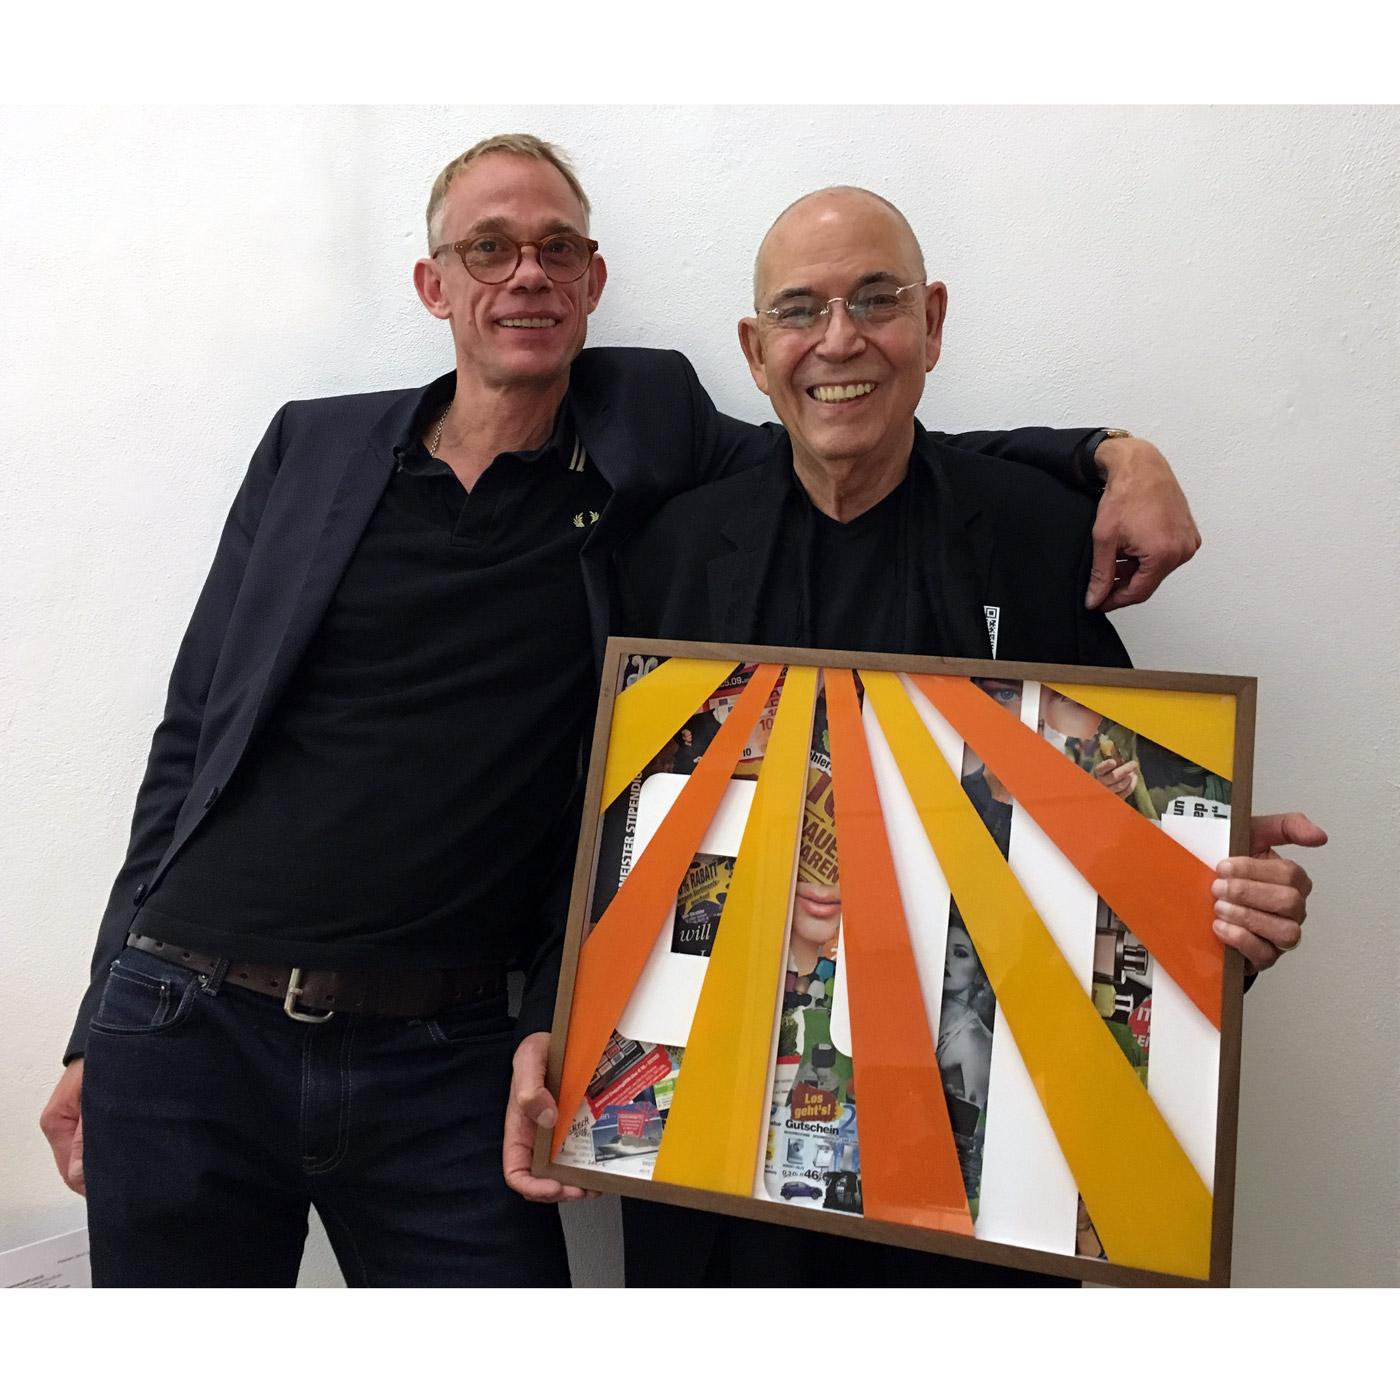 GUTSCHEIN (VOUCHER) with M.J. Wewerka, © 2016, cardboard, collage, acrylic paint behind glass, 53 x 43,5 x 4,5 cm, photo © Angelika Platen